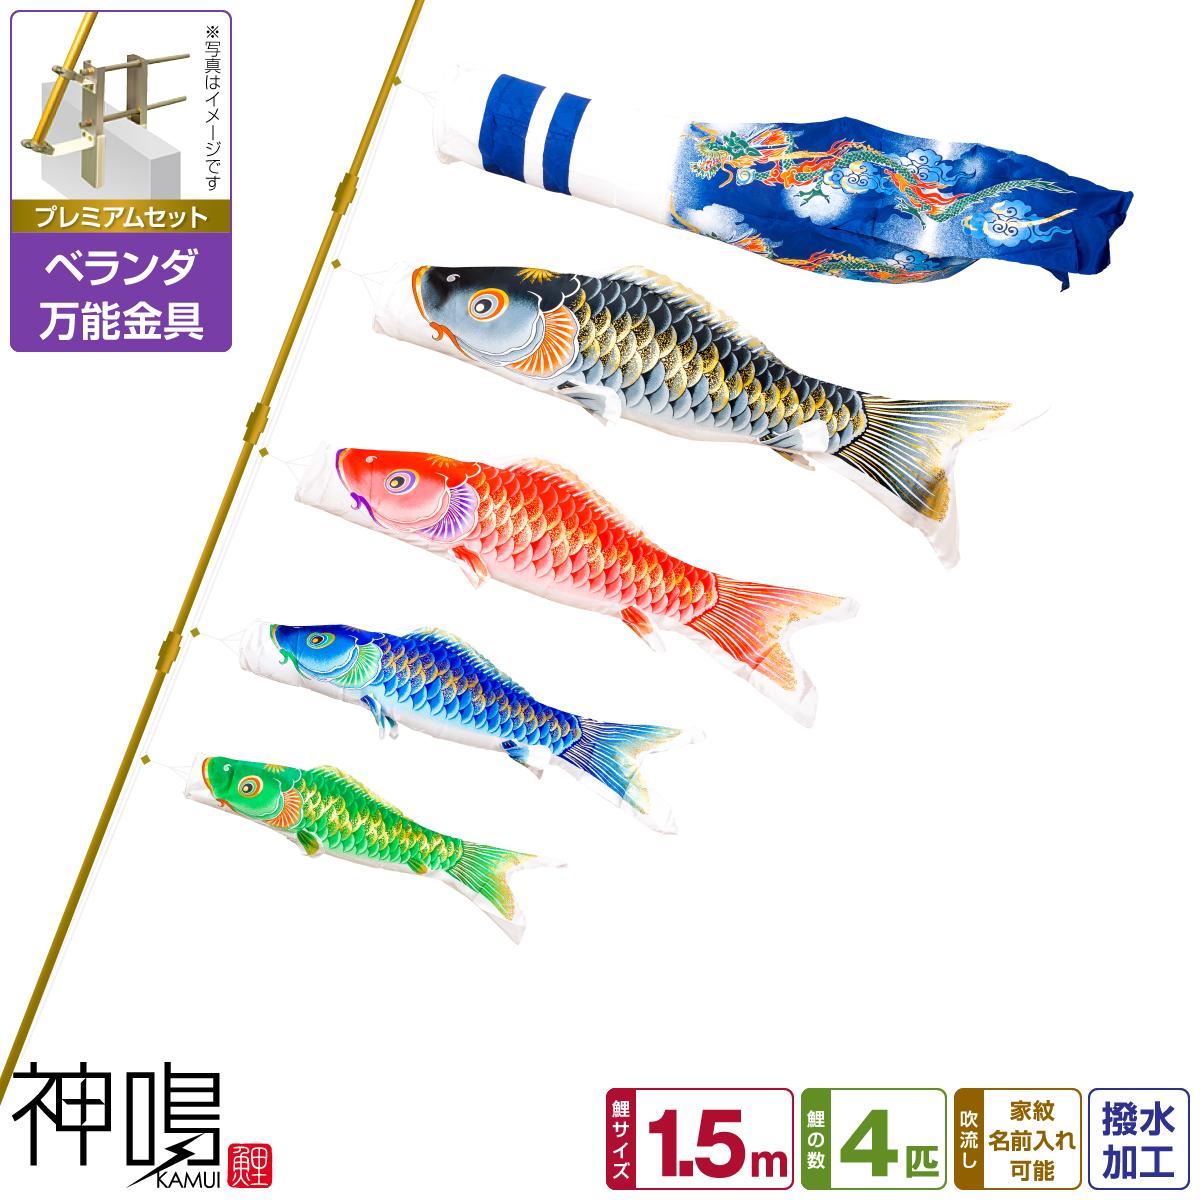 ベランダ用 鯉のぼり 神鳴鯉-KAMUI- 1.5m 7点(吹流し+鯉4匹+矢車+ロープ)/プレミアムセット(万能取付金具)